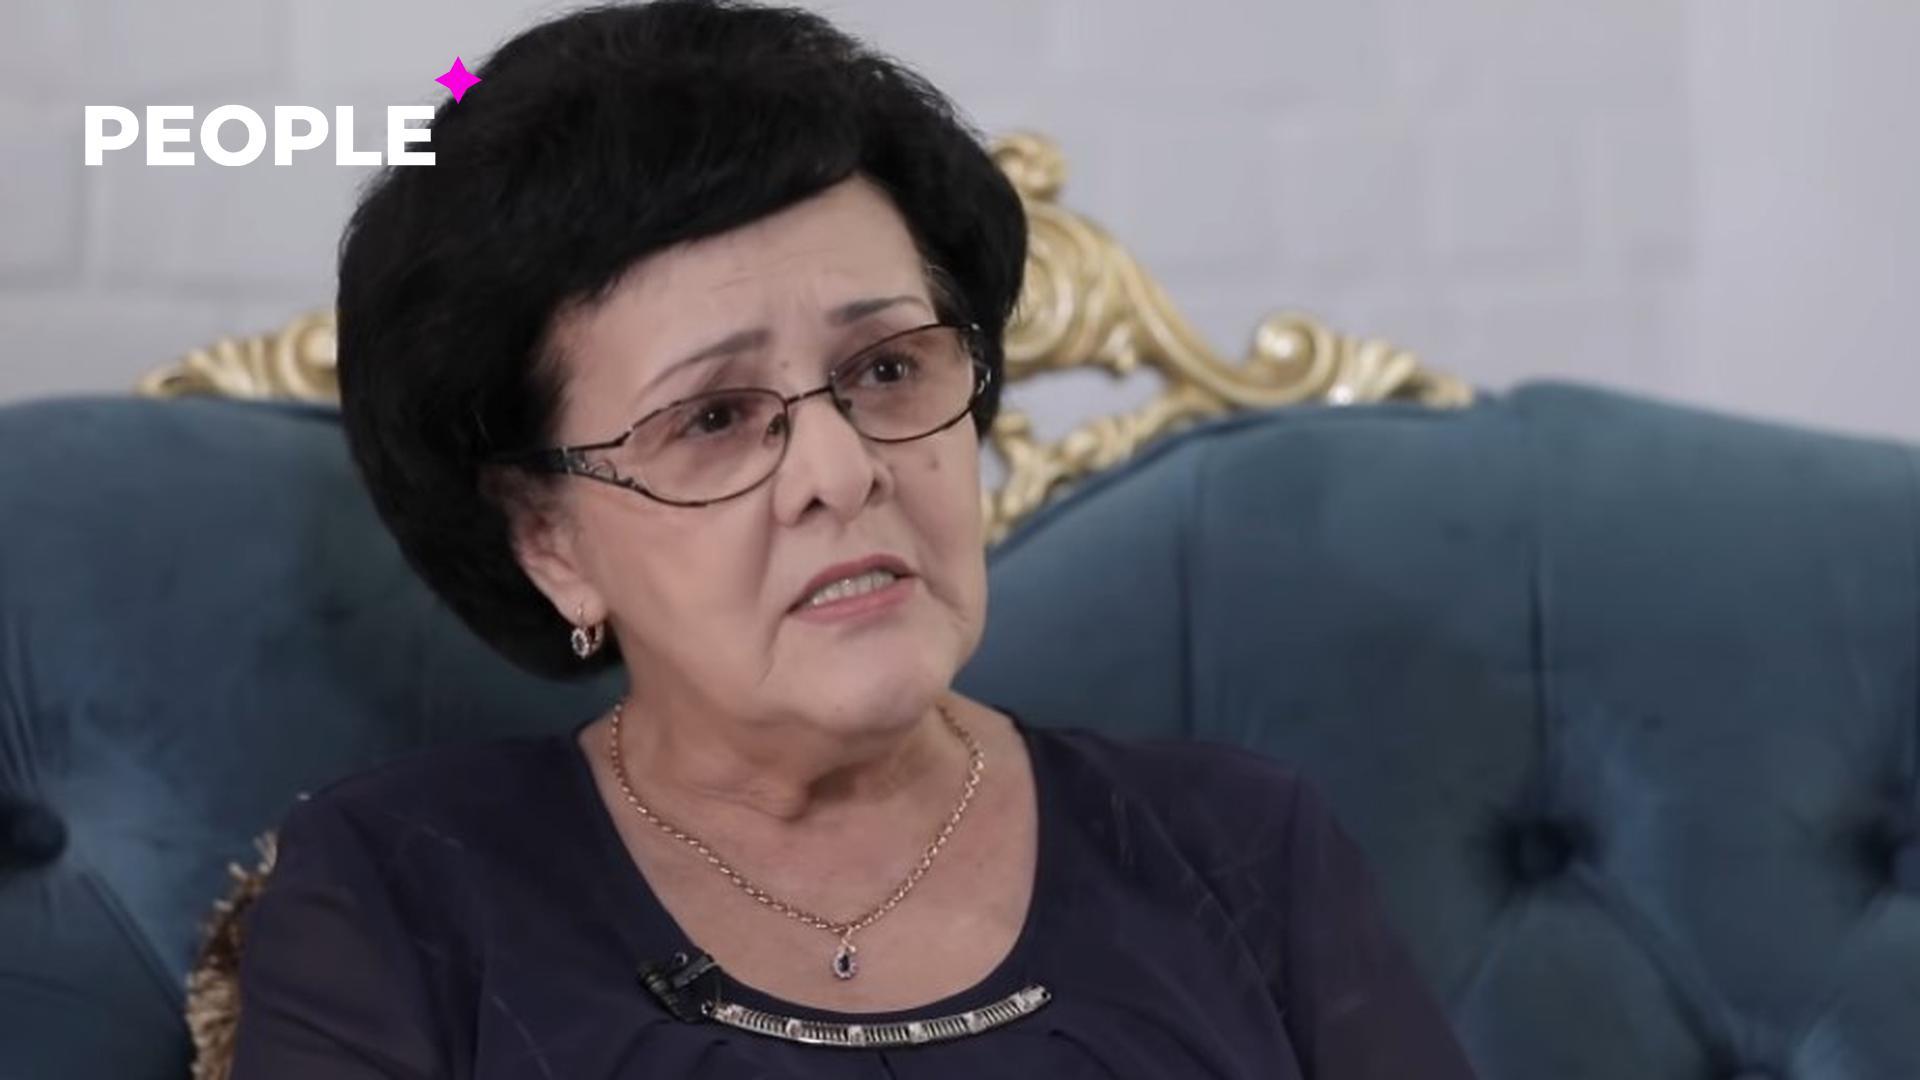 «Увеличивают губы и наращивают ресницы»: Гульчехра Джамилова раскритиковала современных узбекских актрисза их однотипность